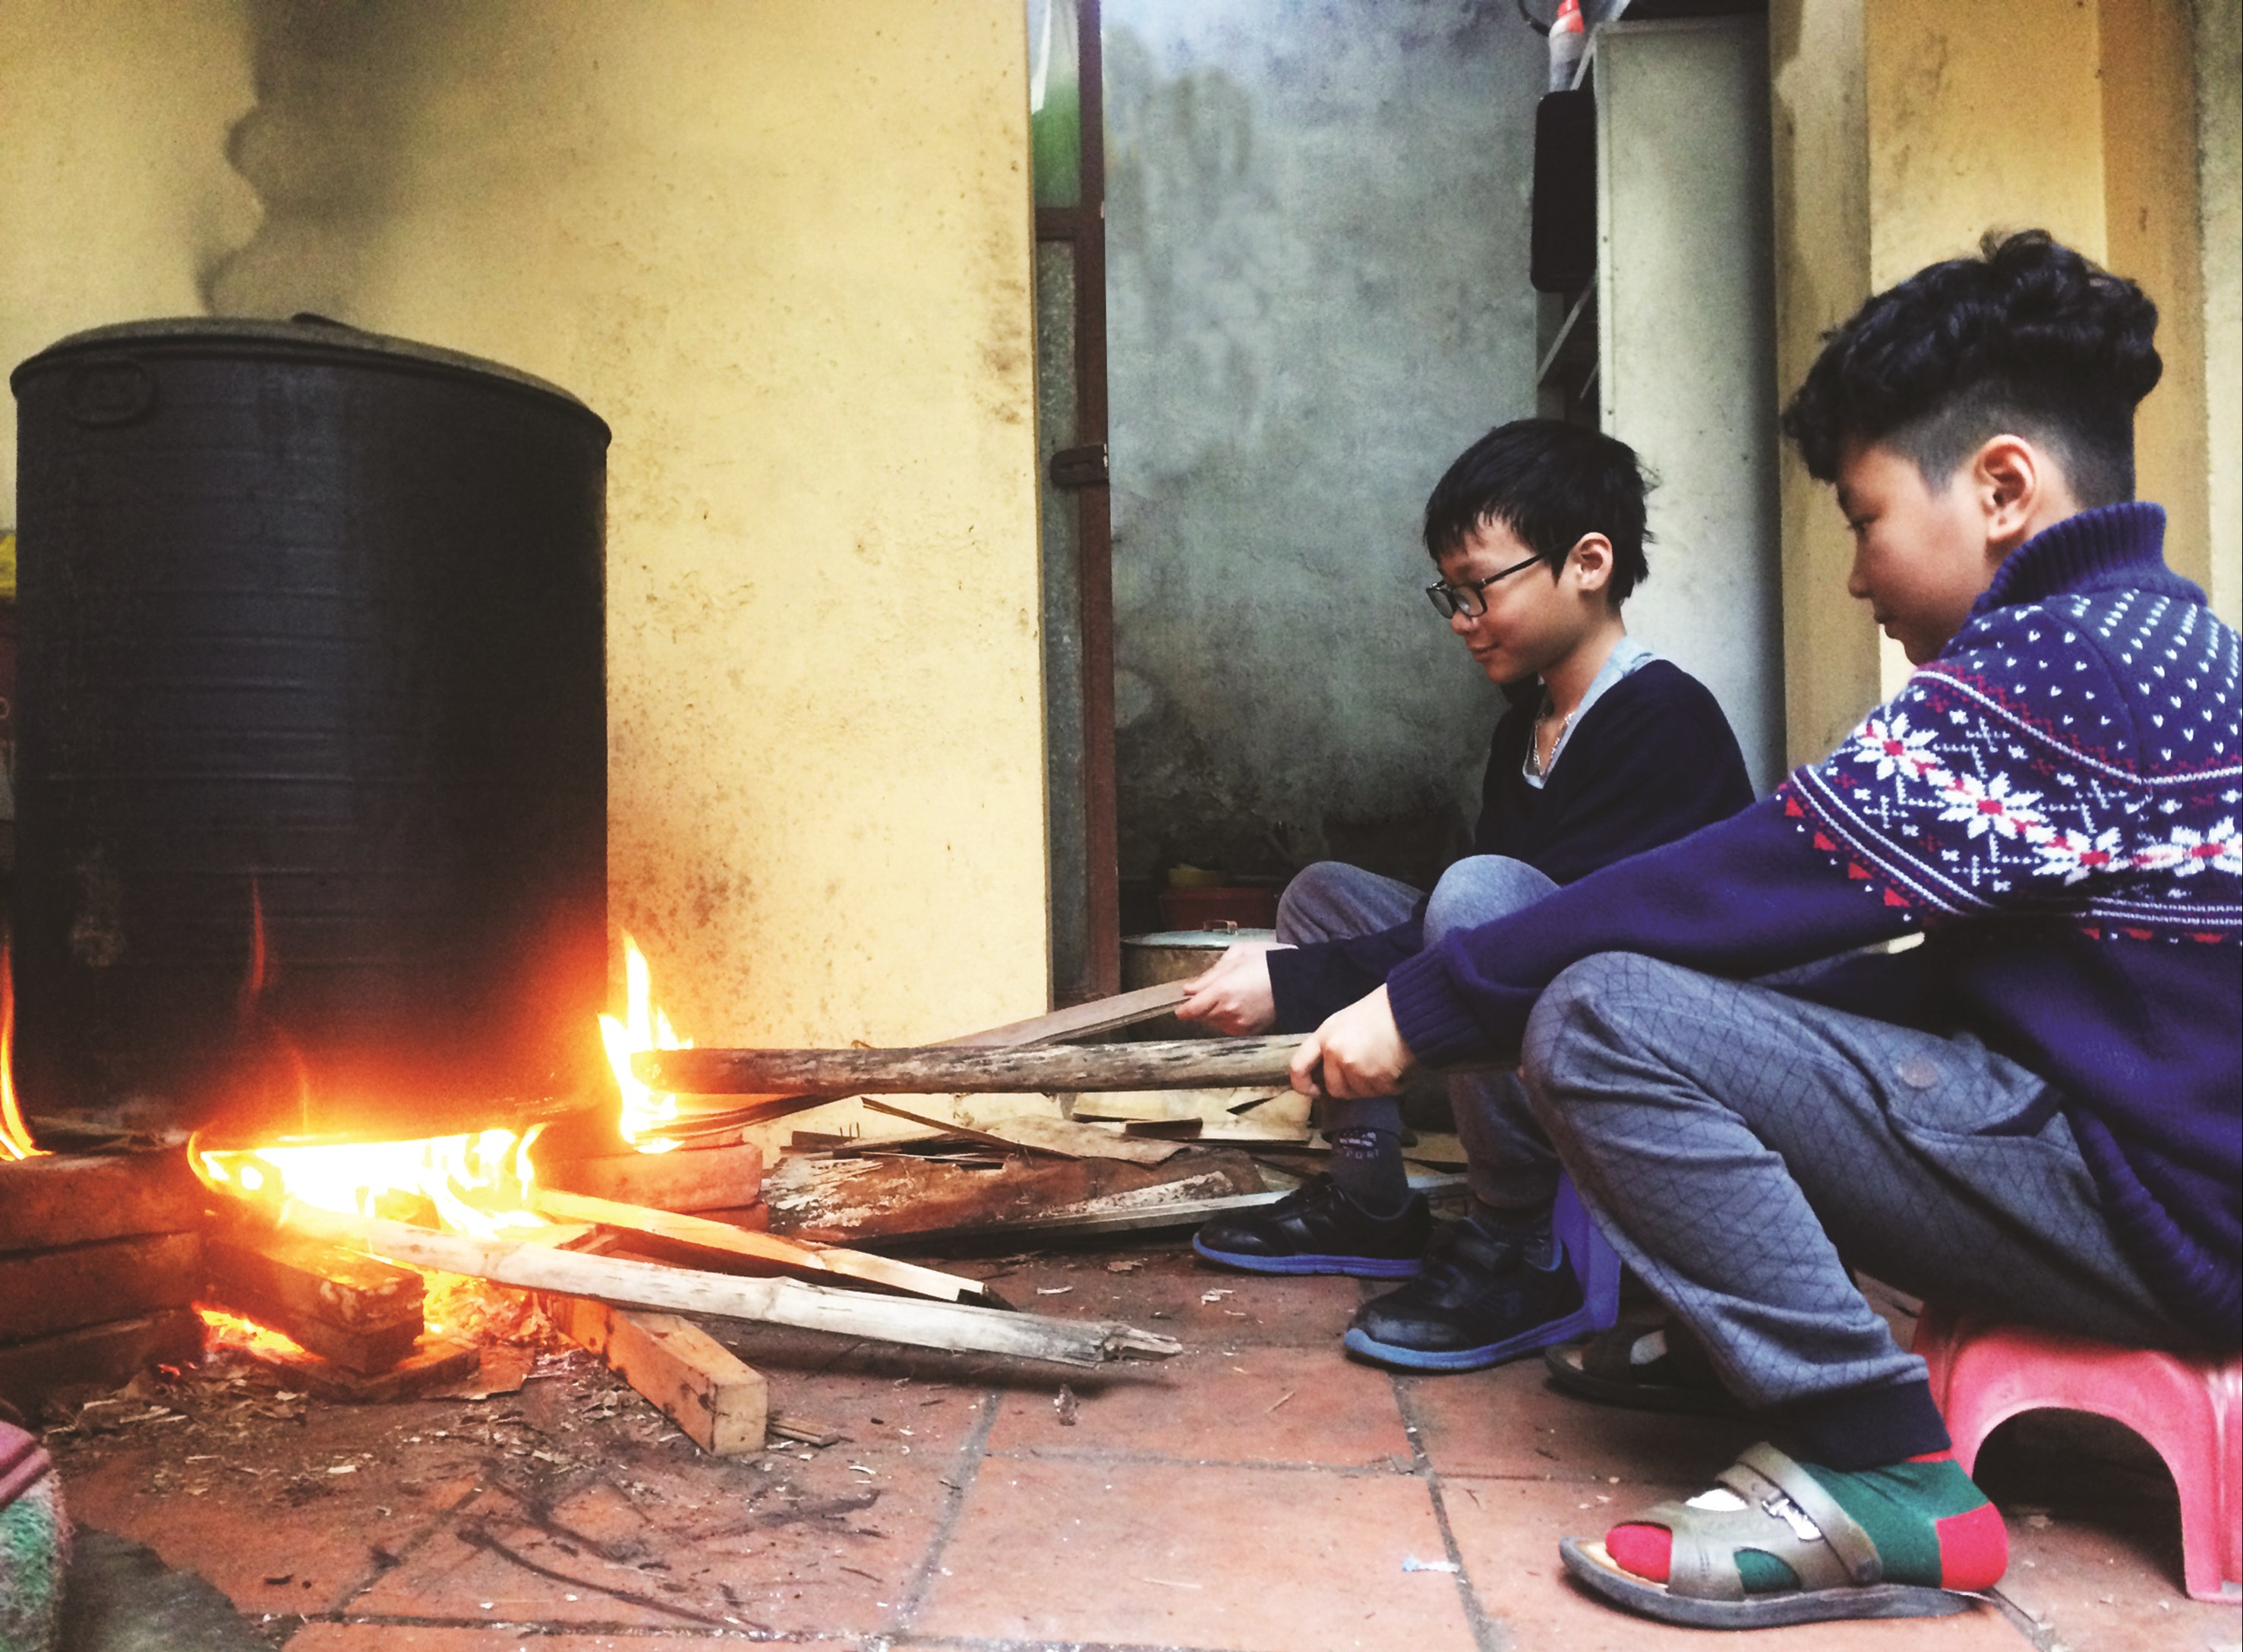 Em trai tôi thay thế cho tôi ngày xưa để tiếp tục những trò chơi đầy mơ mộng mà cũng rất dại dột với lửa.